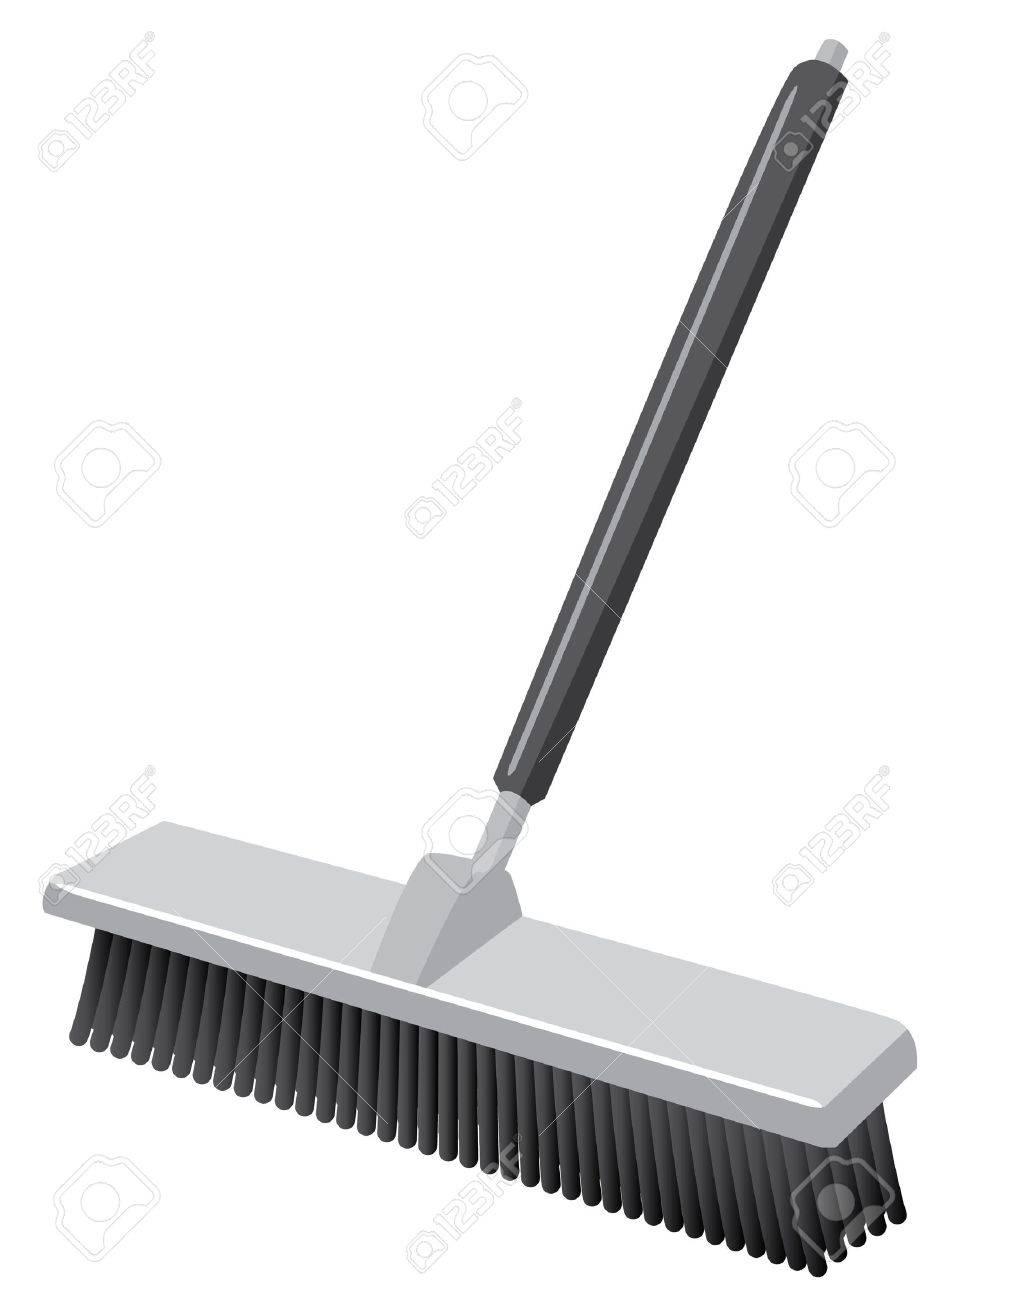 Balai Brosse un balai-brosse telle que vous verriez dans un style icône entrepôt